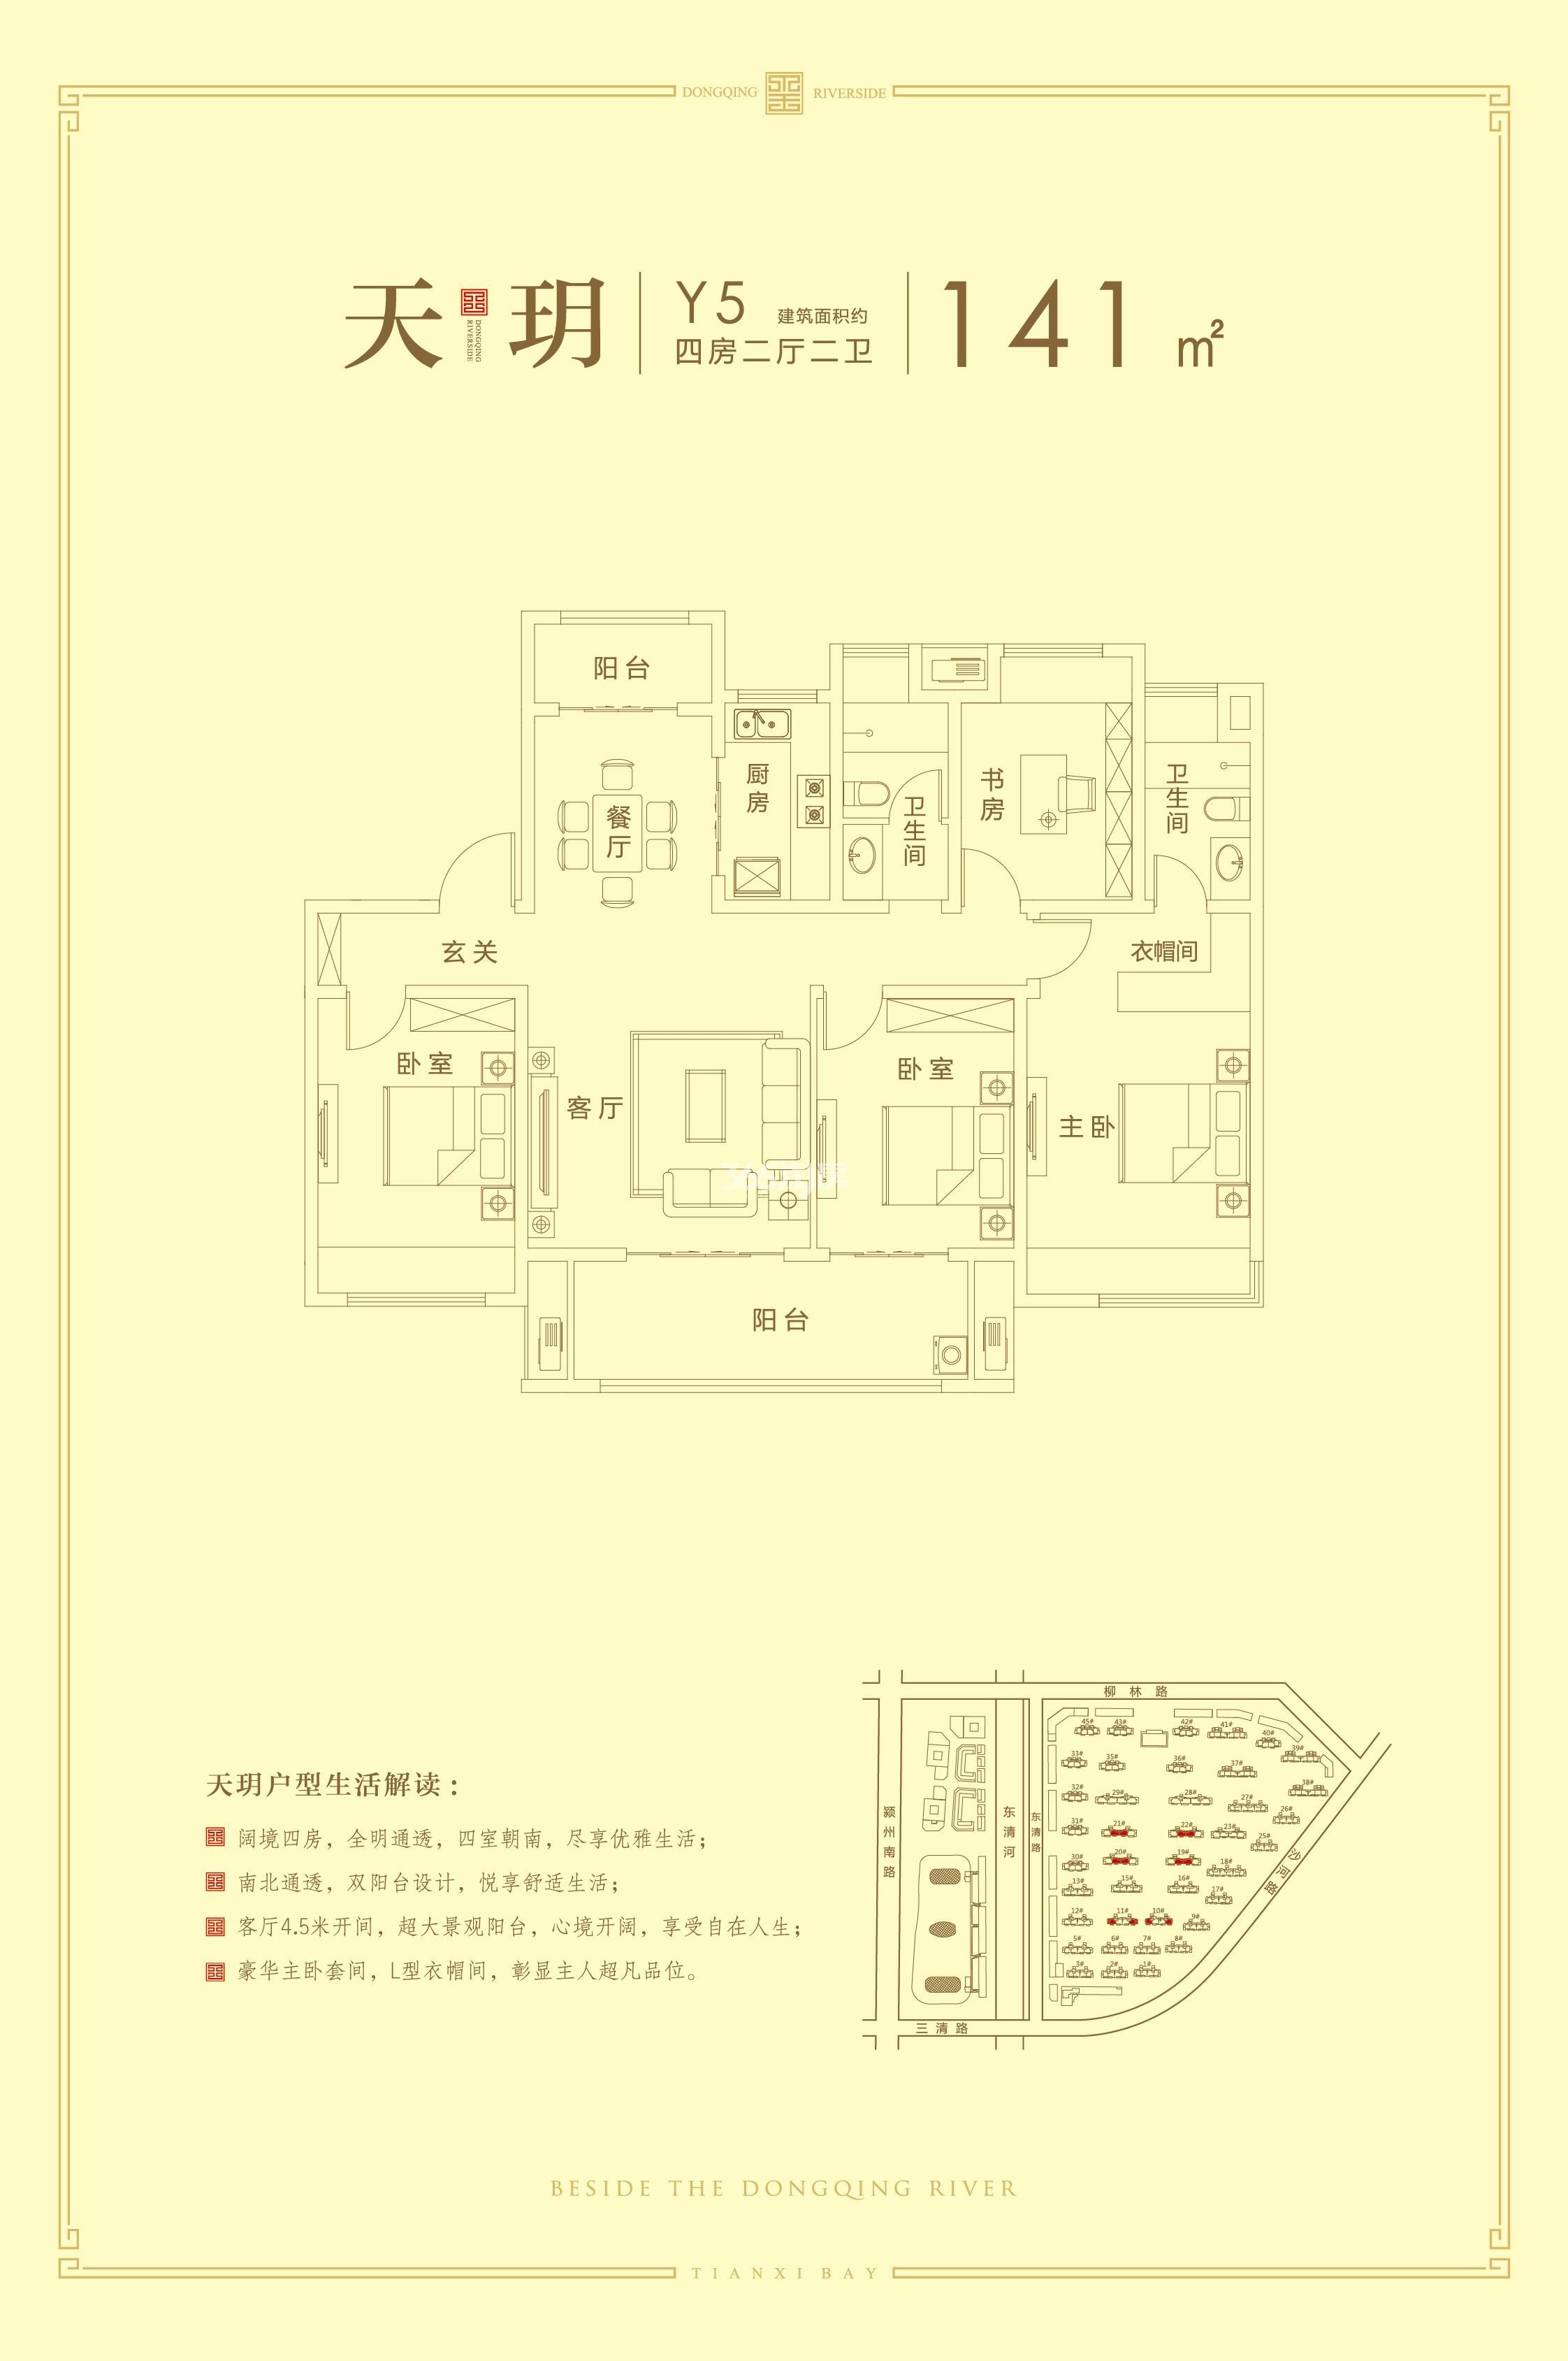 红星天玺湾天玥Y5:四室 二厅 二卫 141㎡